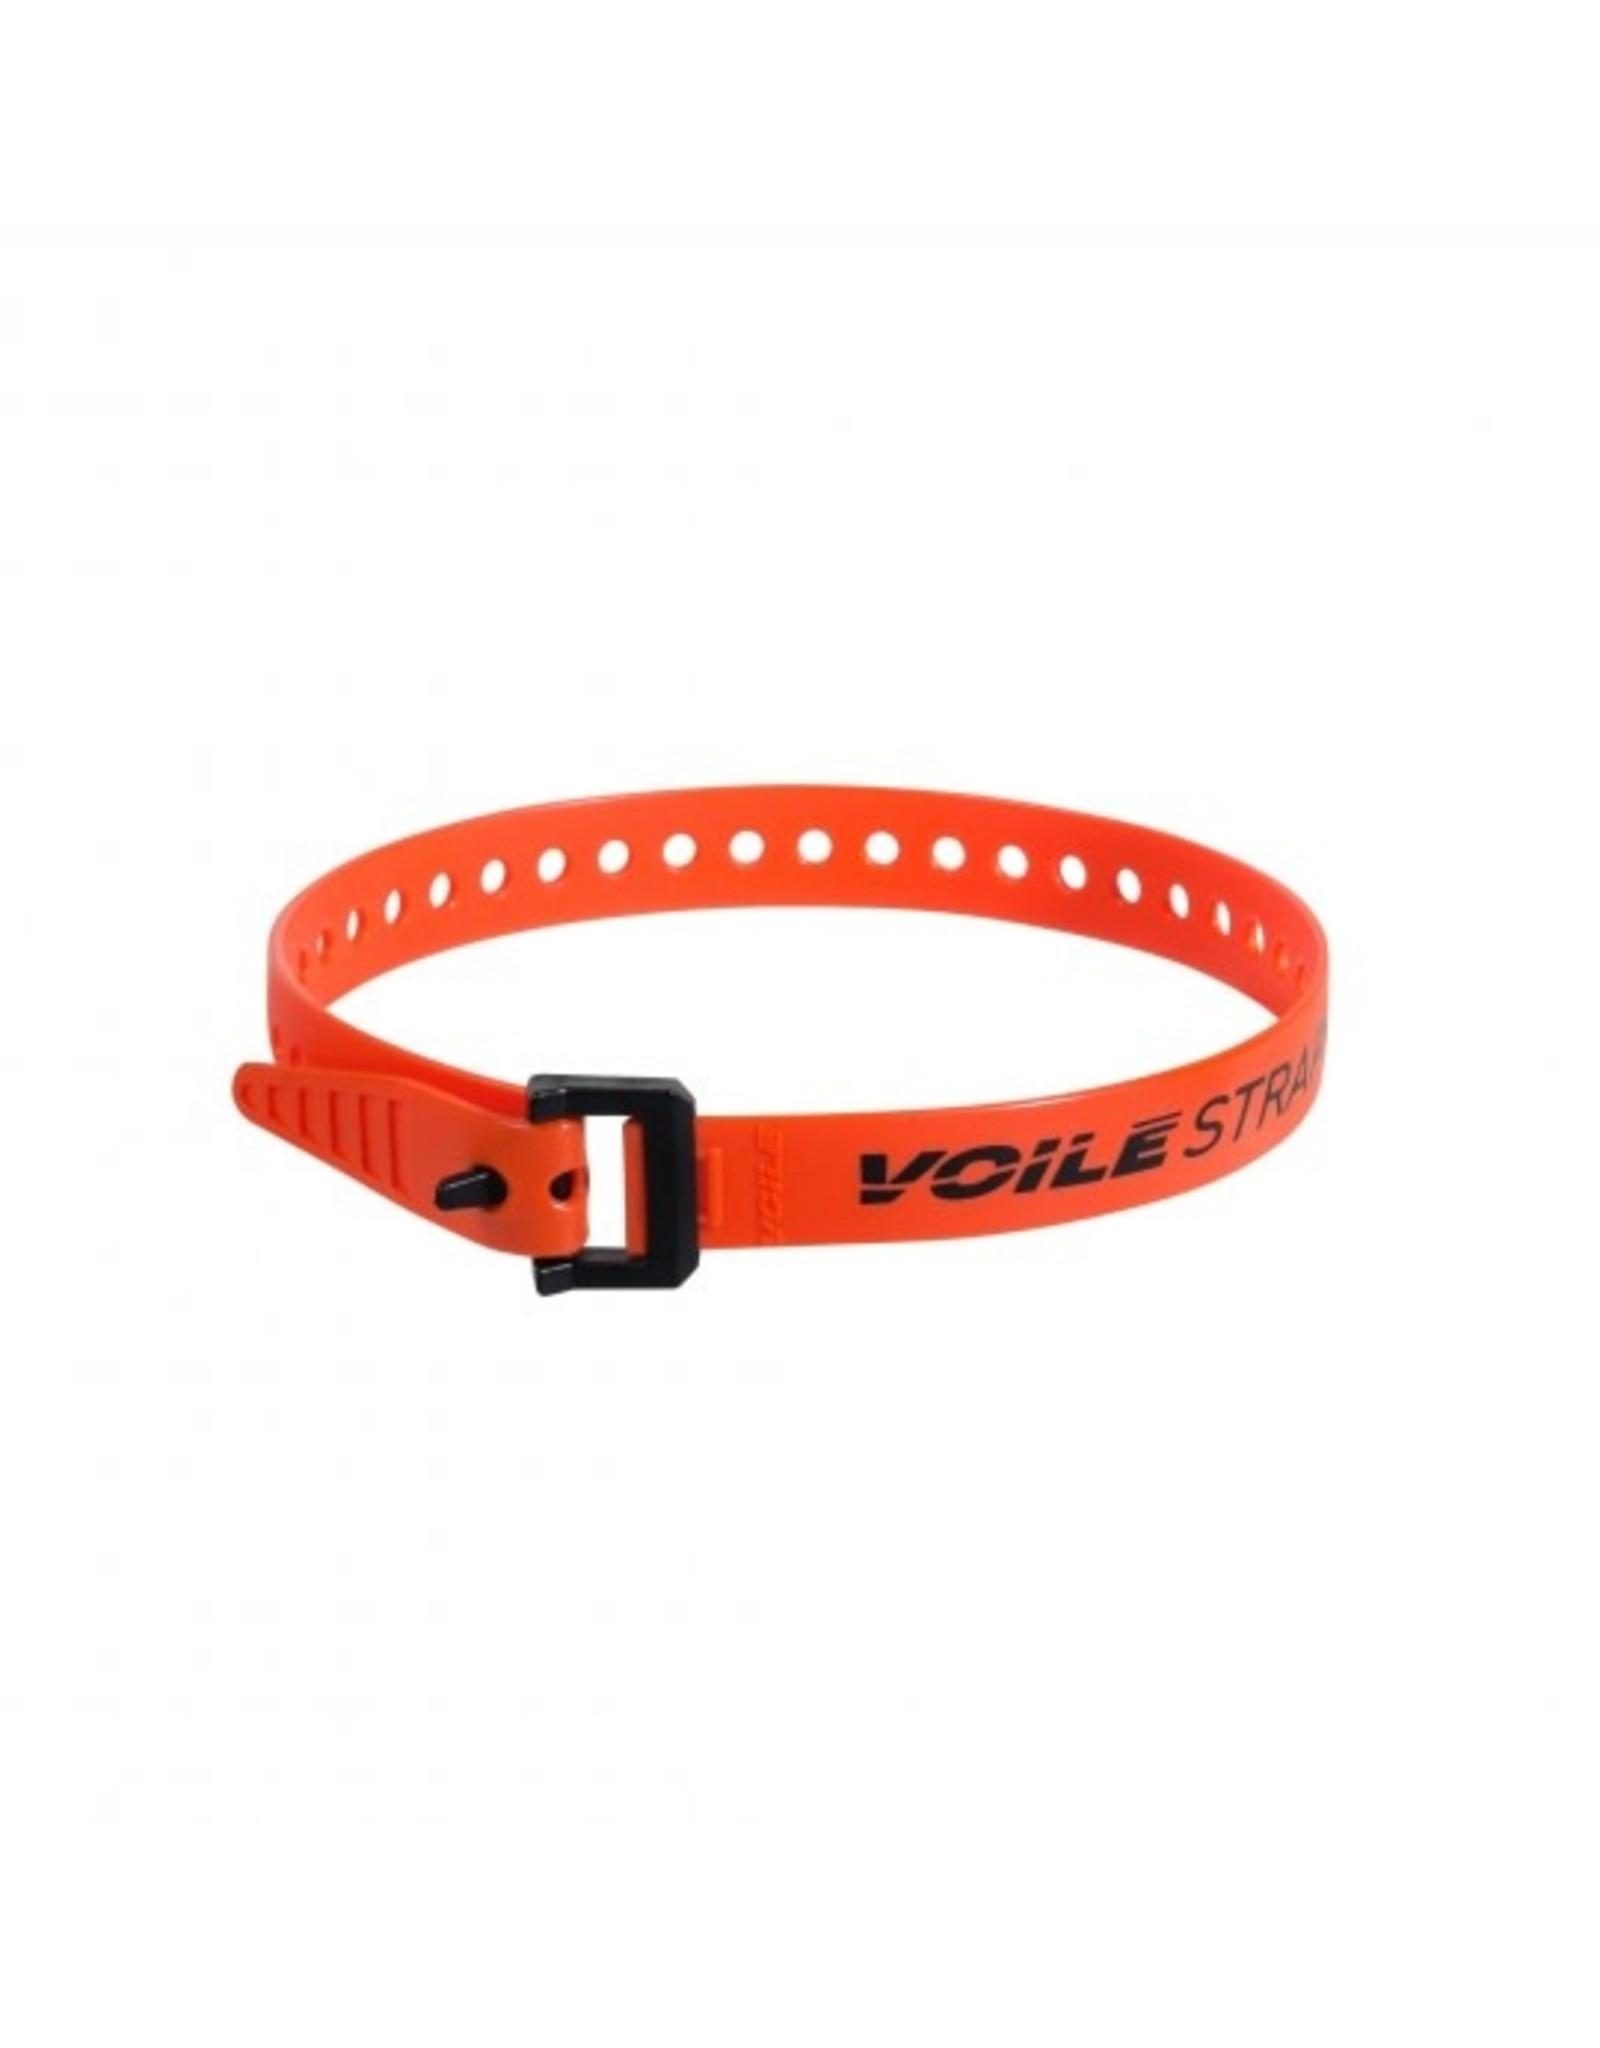 """Voile Voile - 20"""" Strap Orange Nylon Buckle"""